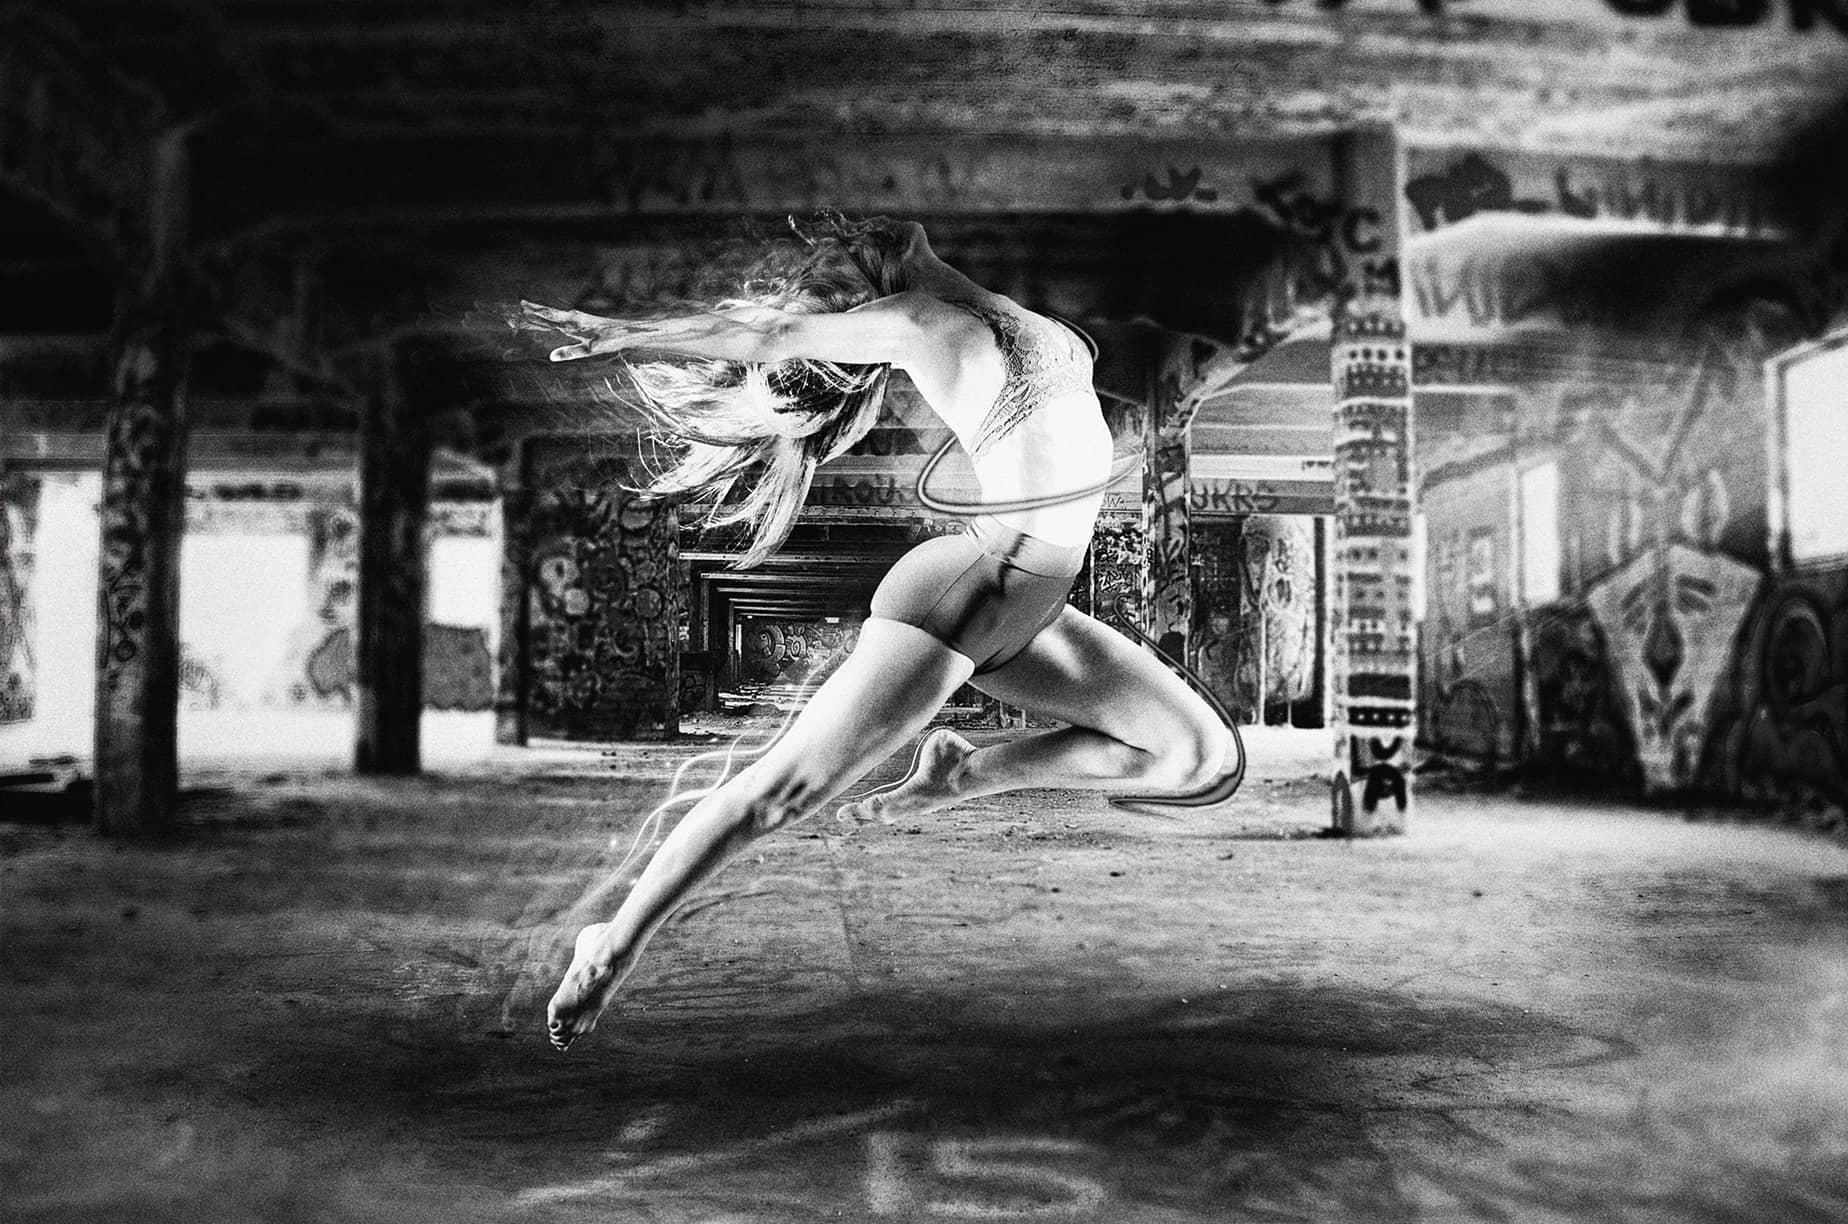 Création Photoshop Alors on danse en noir et blanc de Mickaël Petit